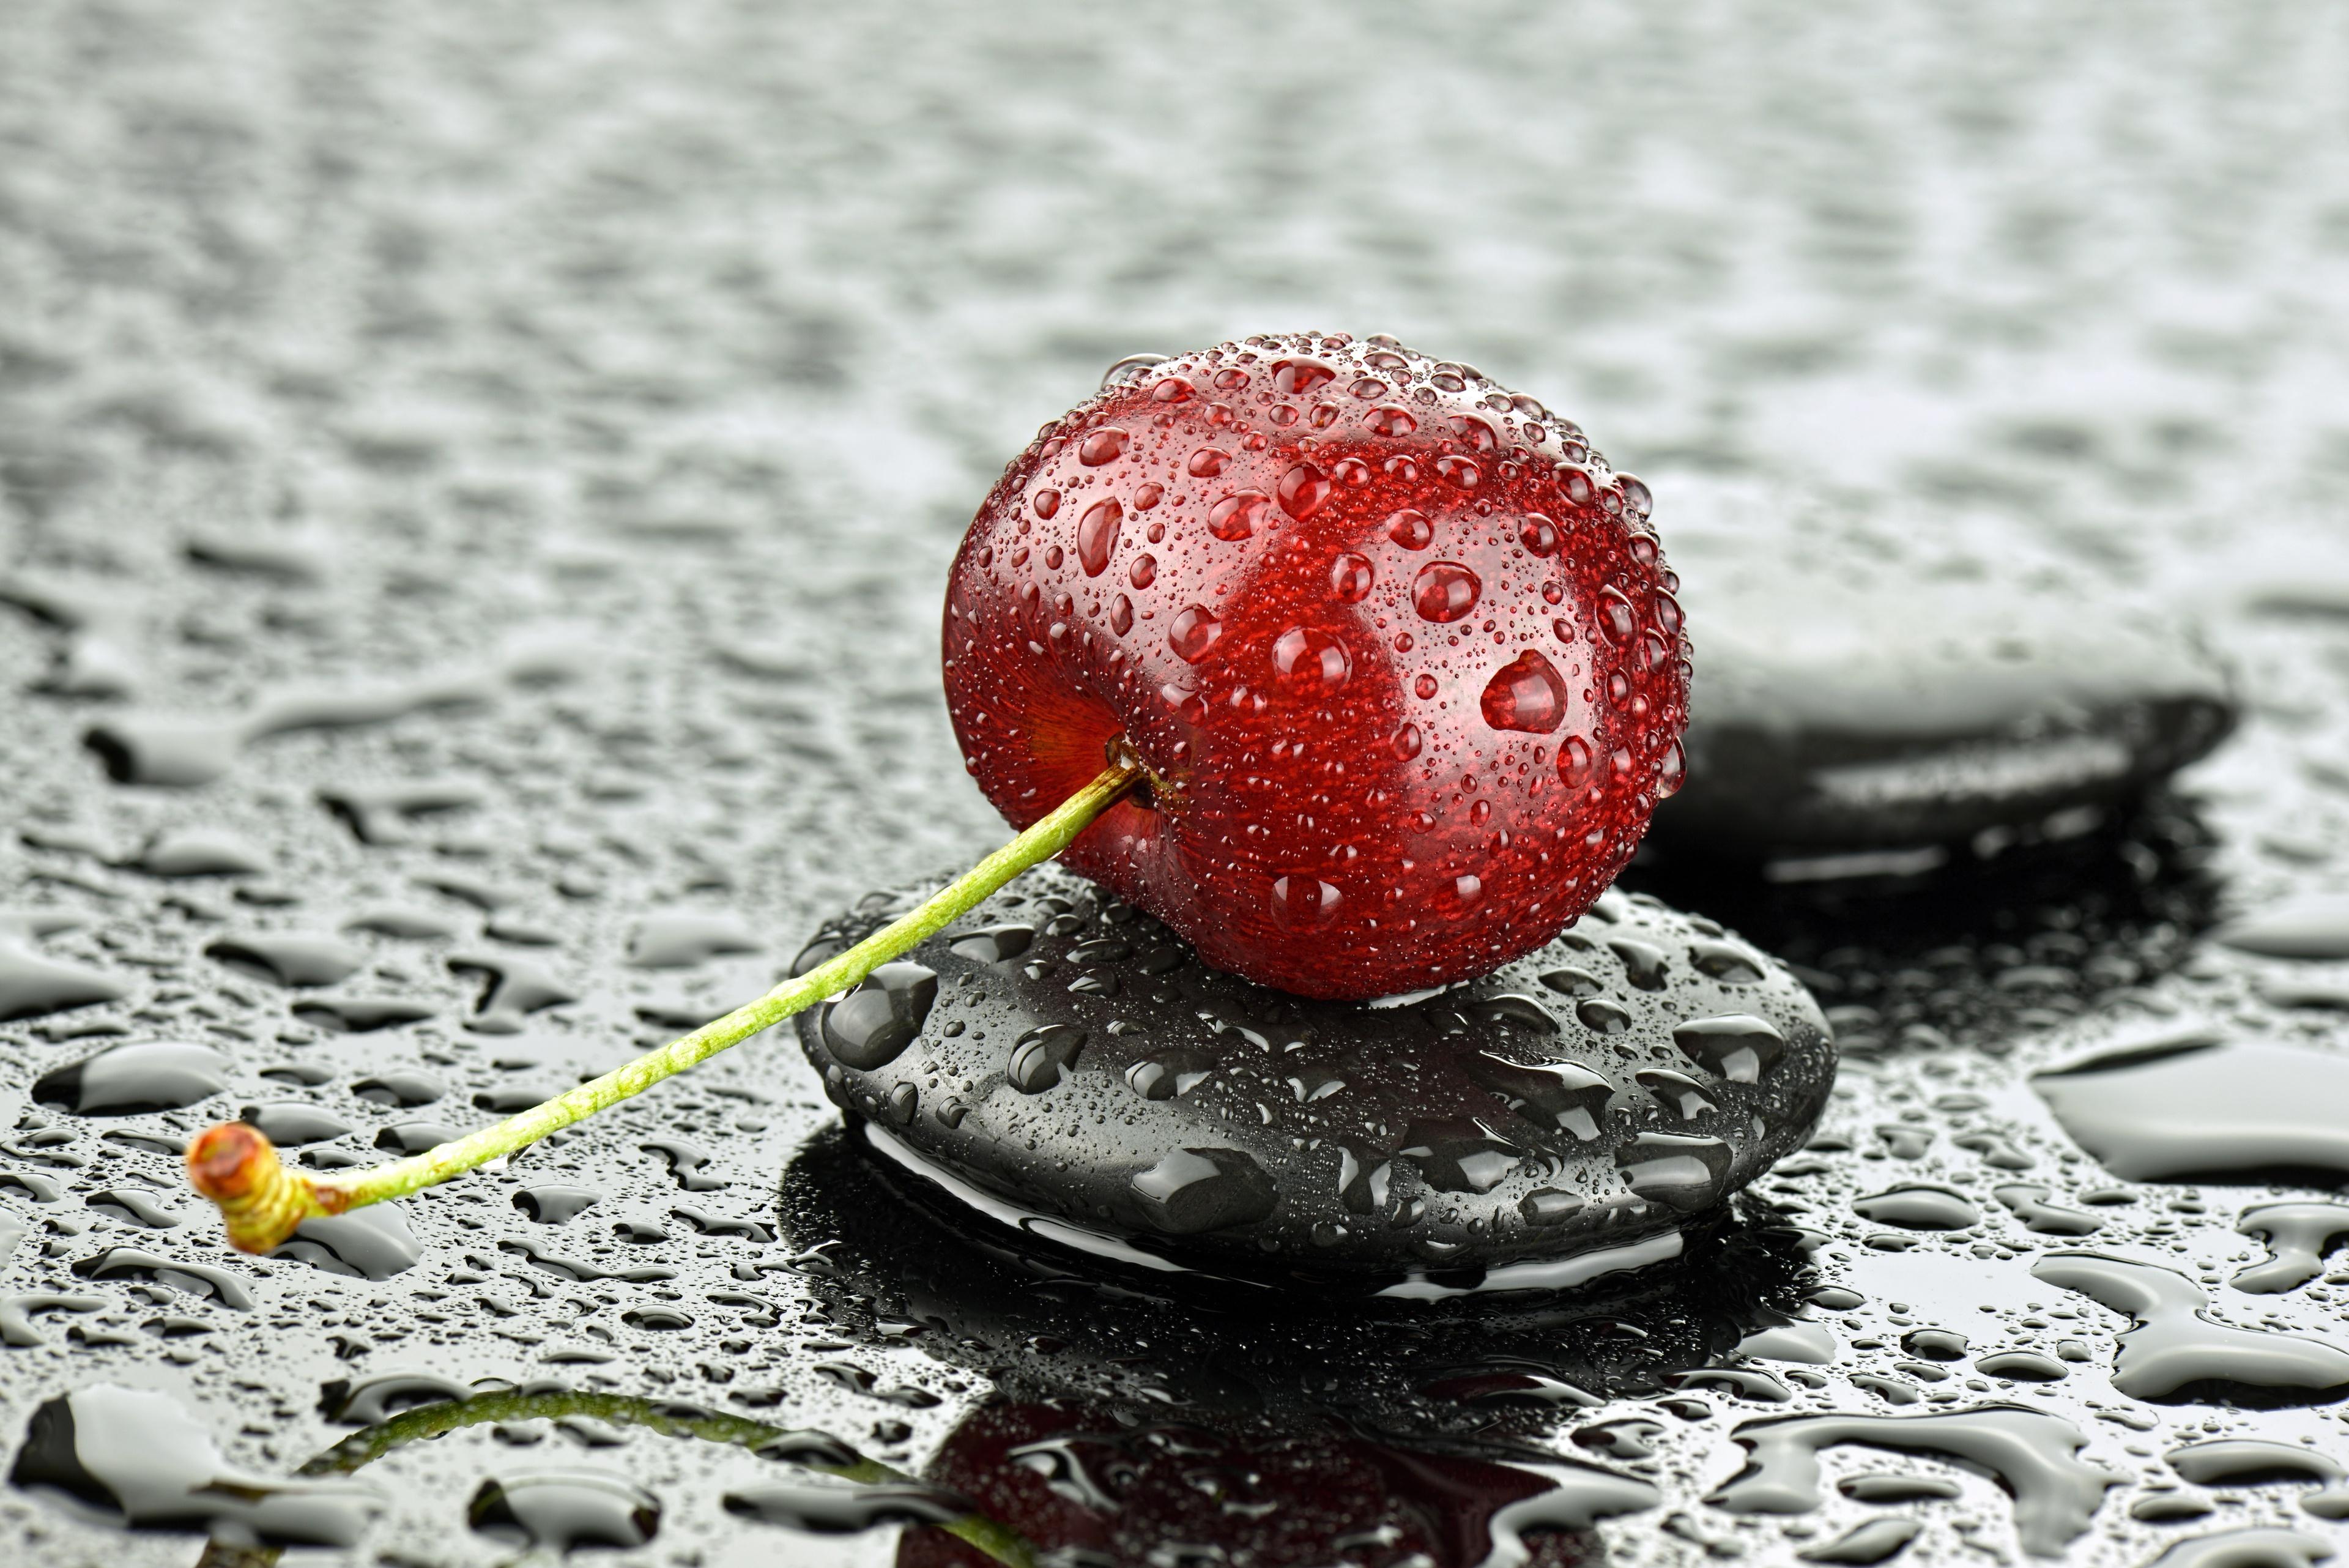 факт устанавливается картинки вишня в брызгах воды обрезаных